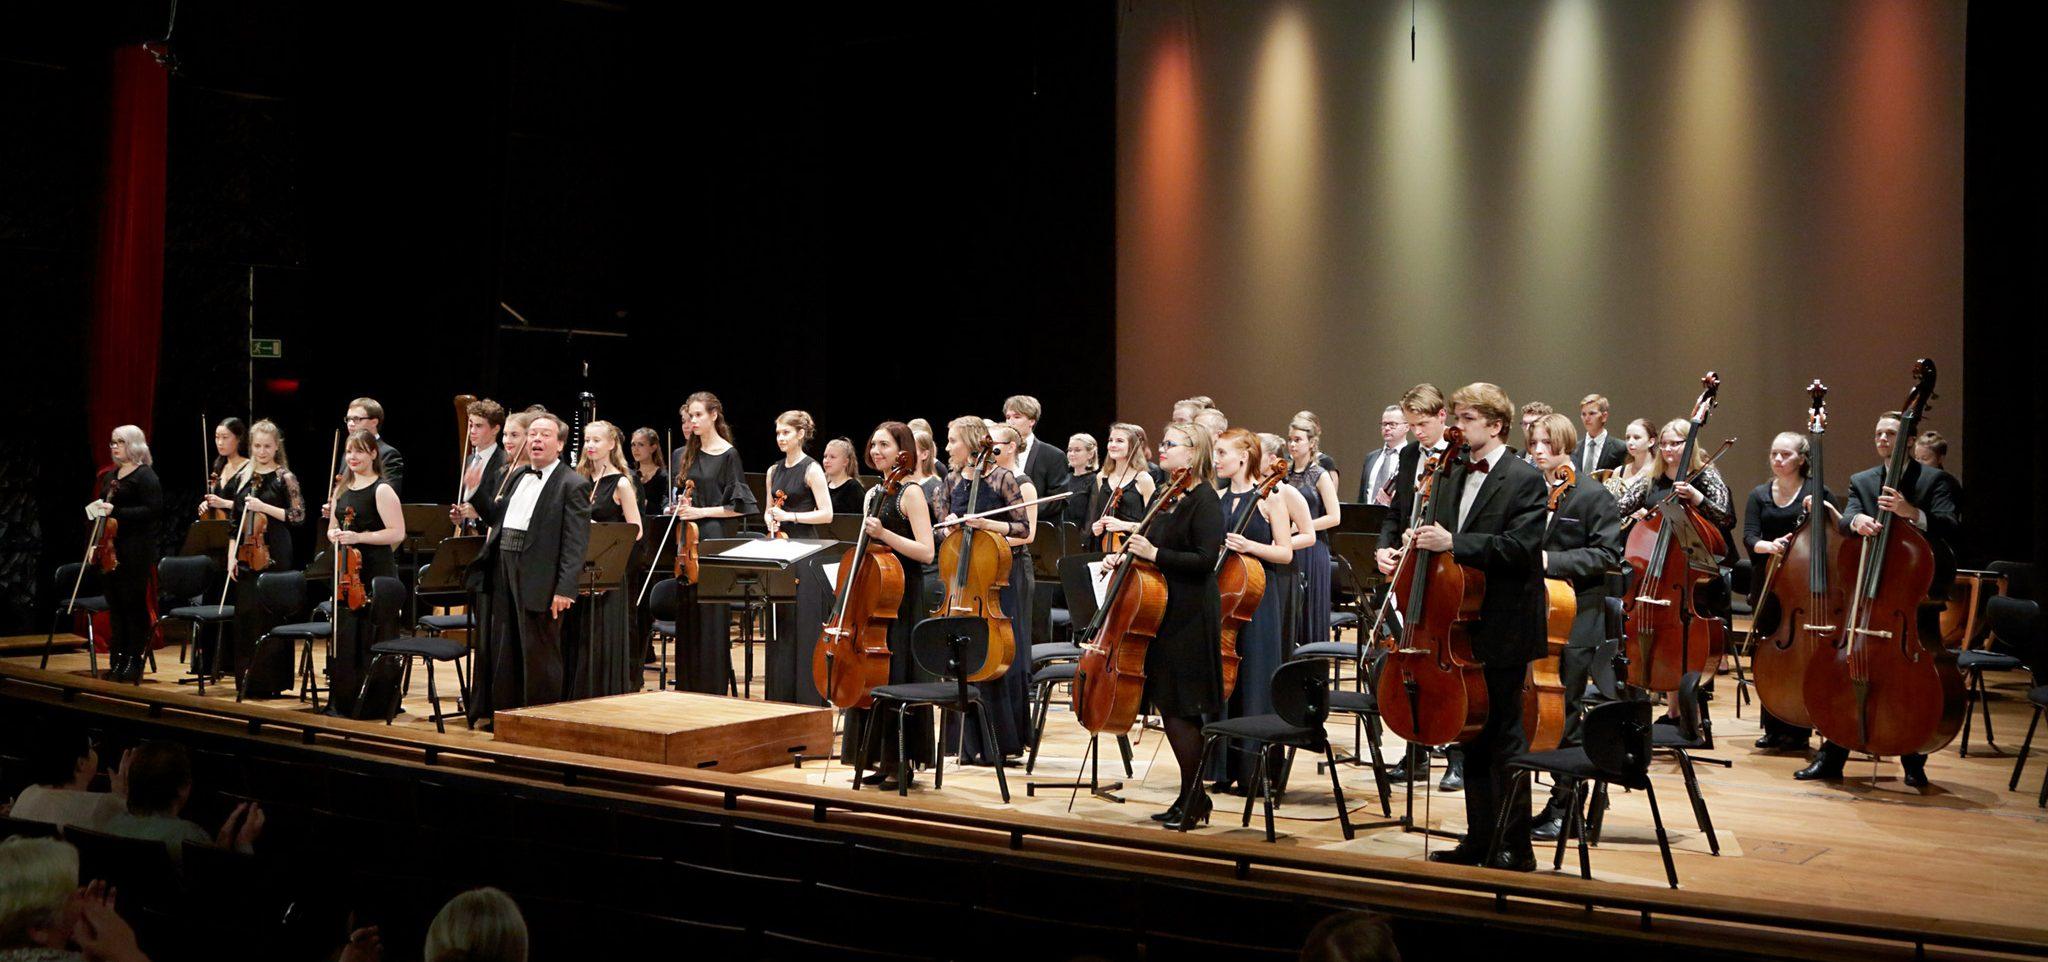 Helsingin Konservatorion muusikko-opiskelijat soittavat opiskeluaikanaan Helsinki Concordiassa, jonka kapellimestarina toimii Petri Sakari.